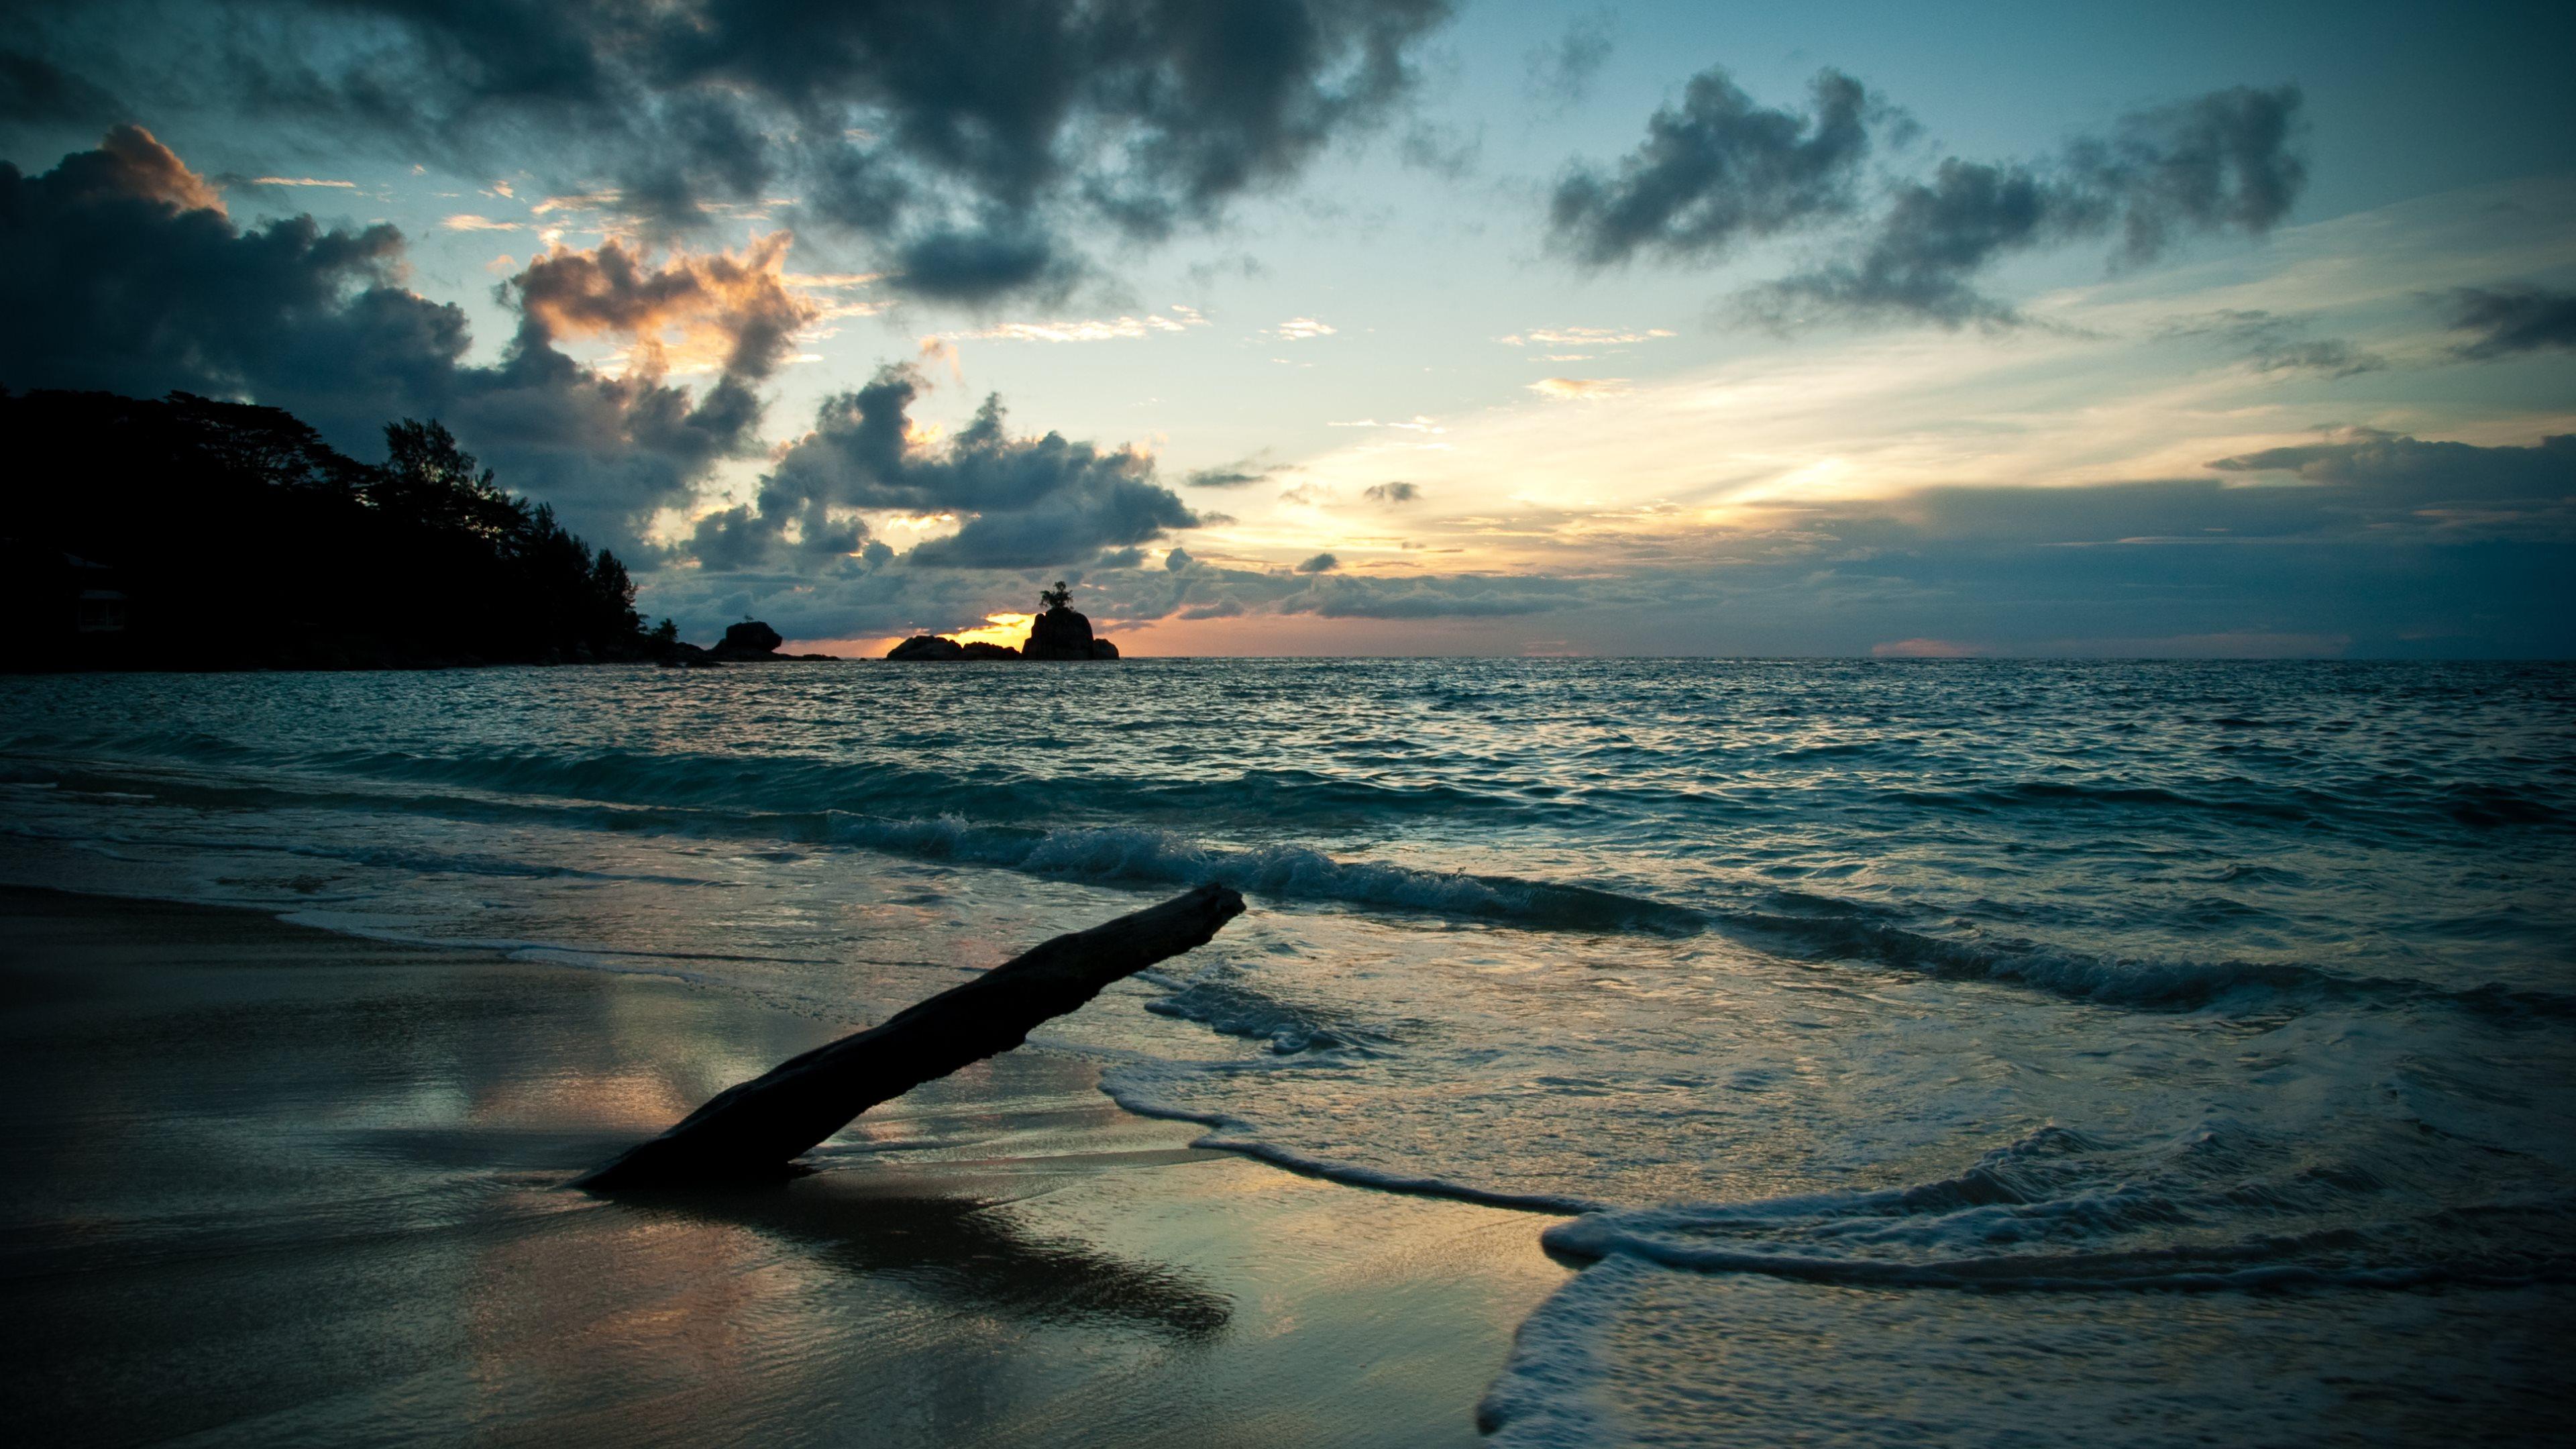 Deniz Manzarası 4k Ultra Hd Duvar Kağıdı Arka Plan 3840x2160